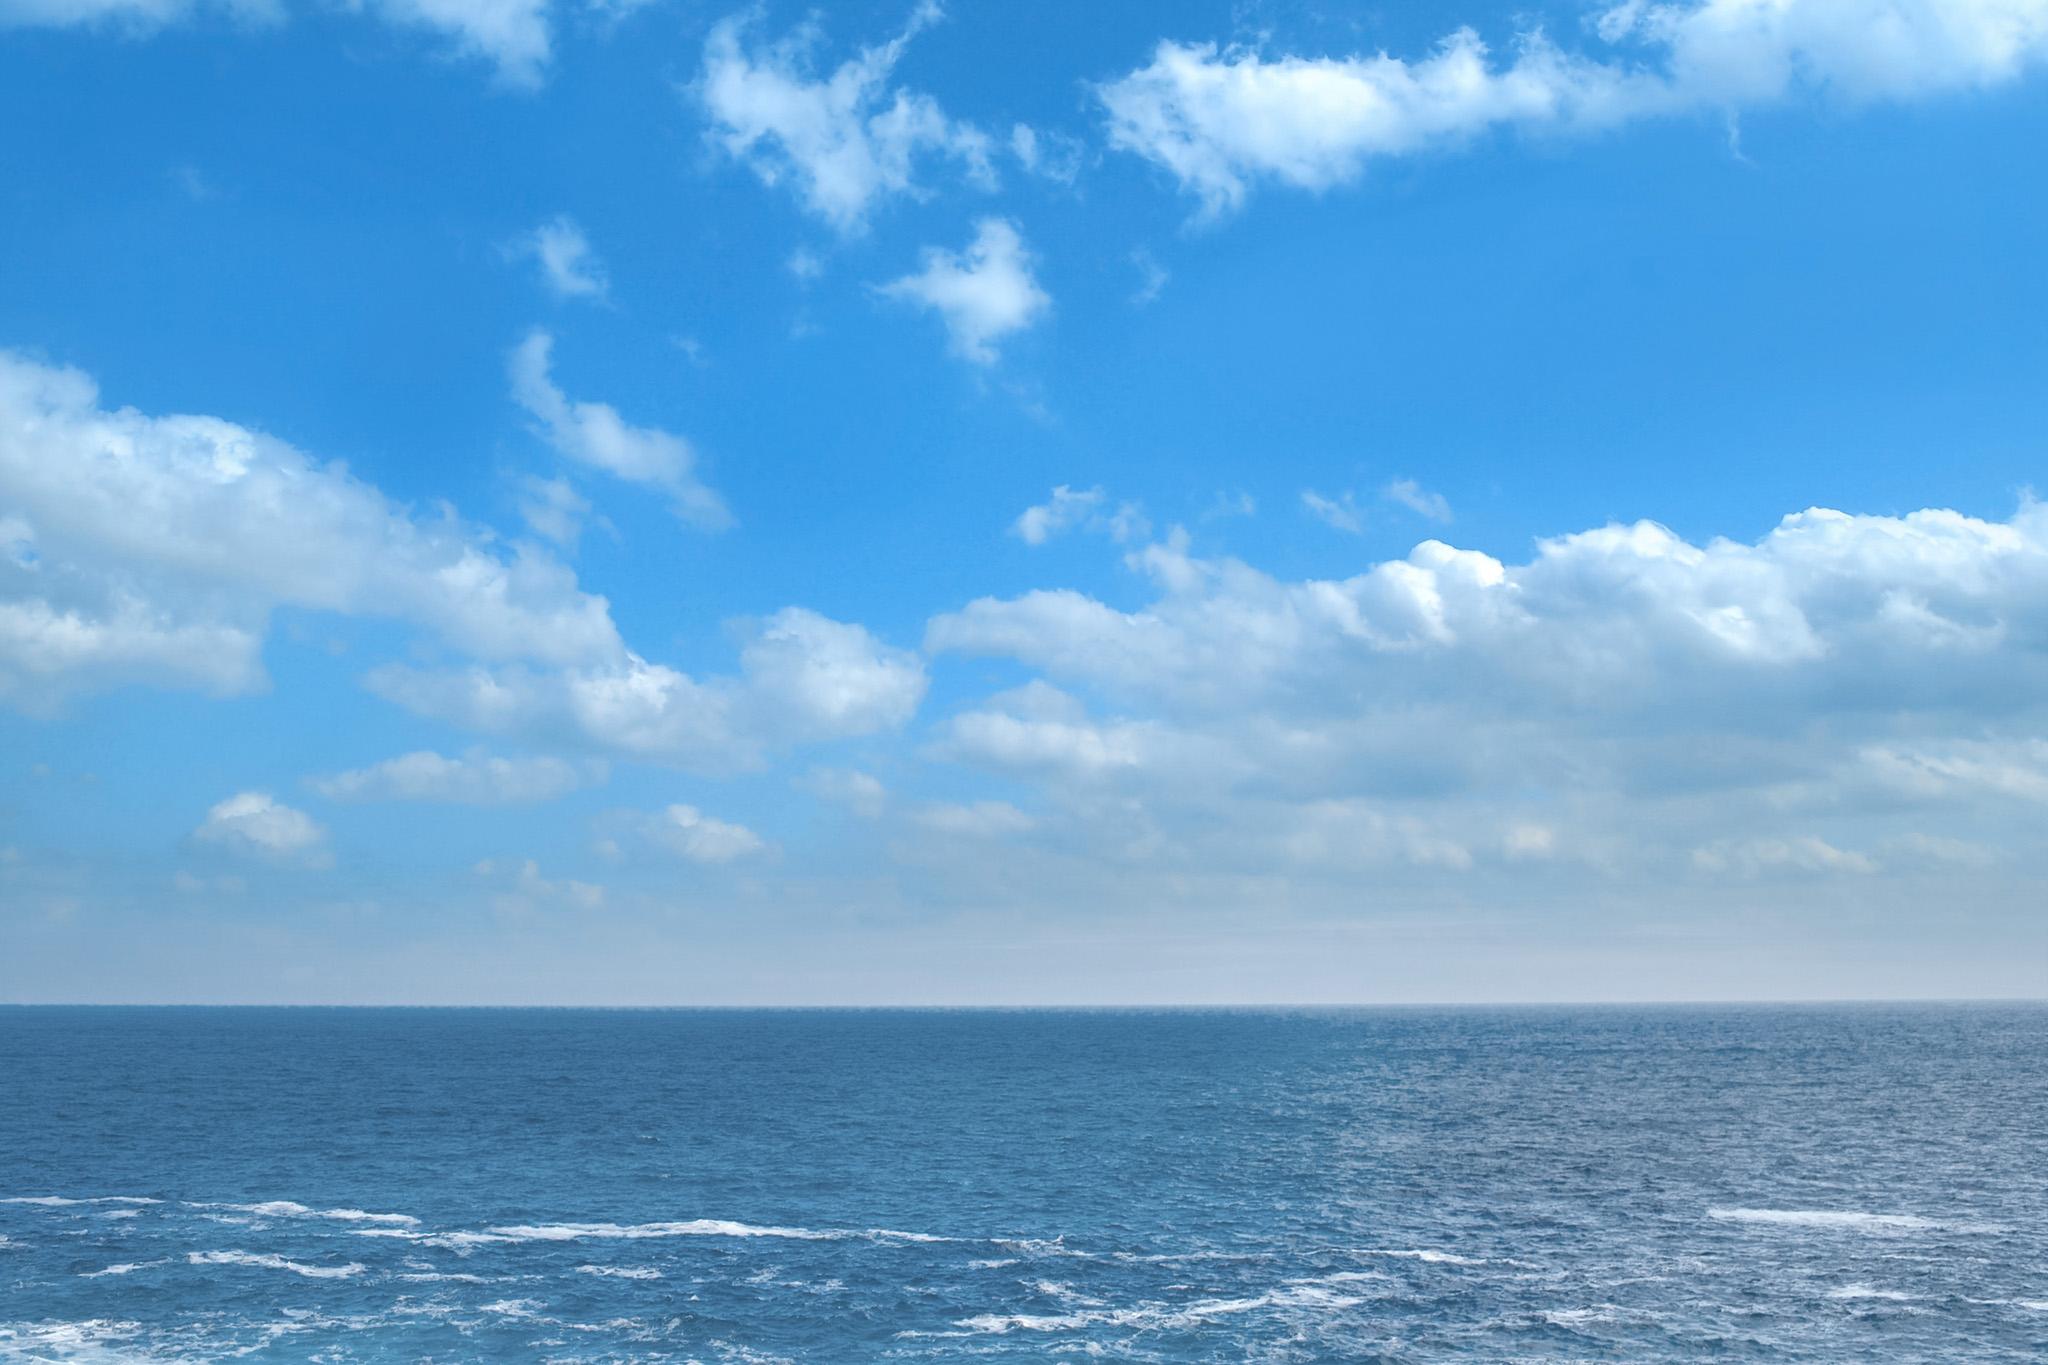 晴天の爽やかな海 の画像 写真素材を無料ダウンロード 1 フリー素材 Beiz Images